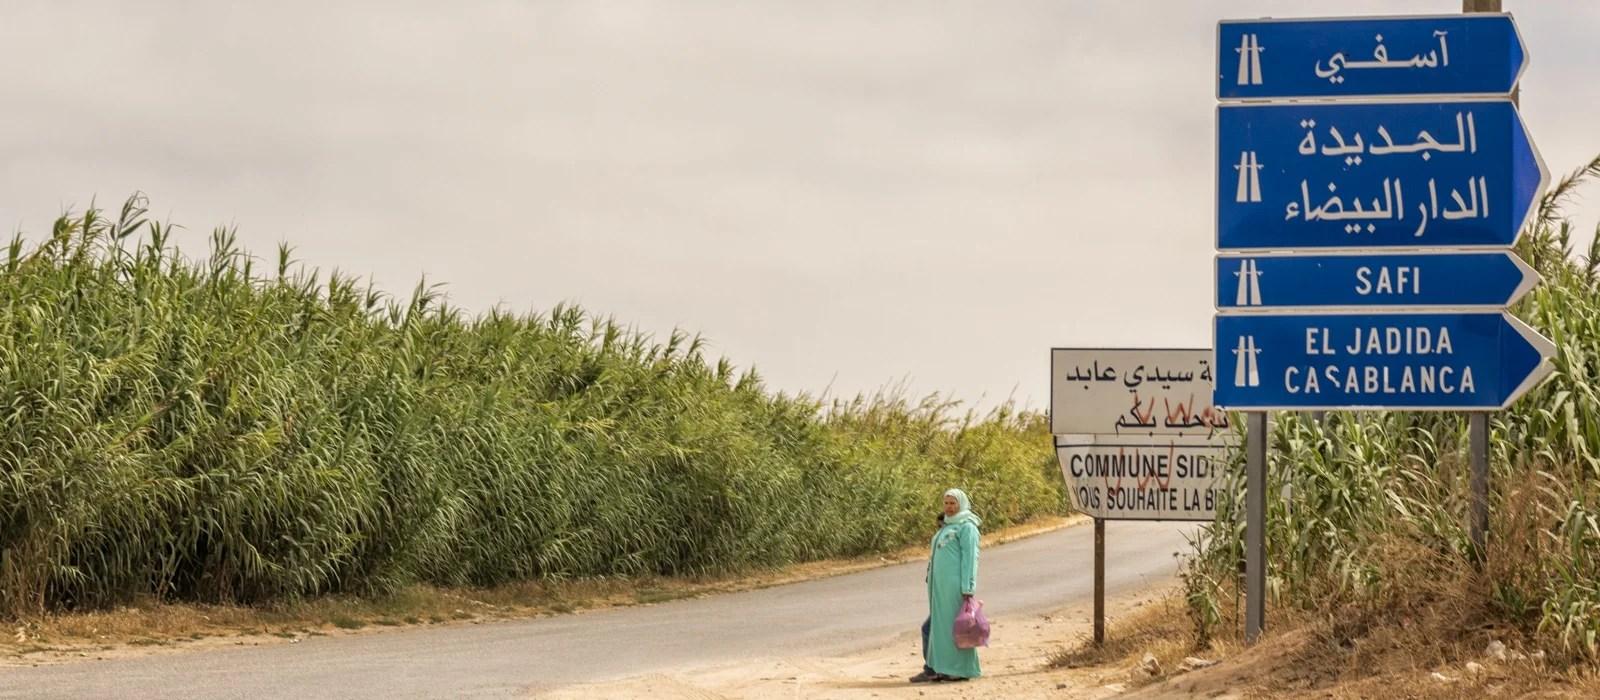 Une femme attendant au coin d'une rue au Maroc - Les Routes du Monde